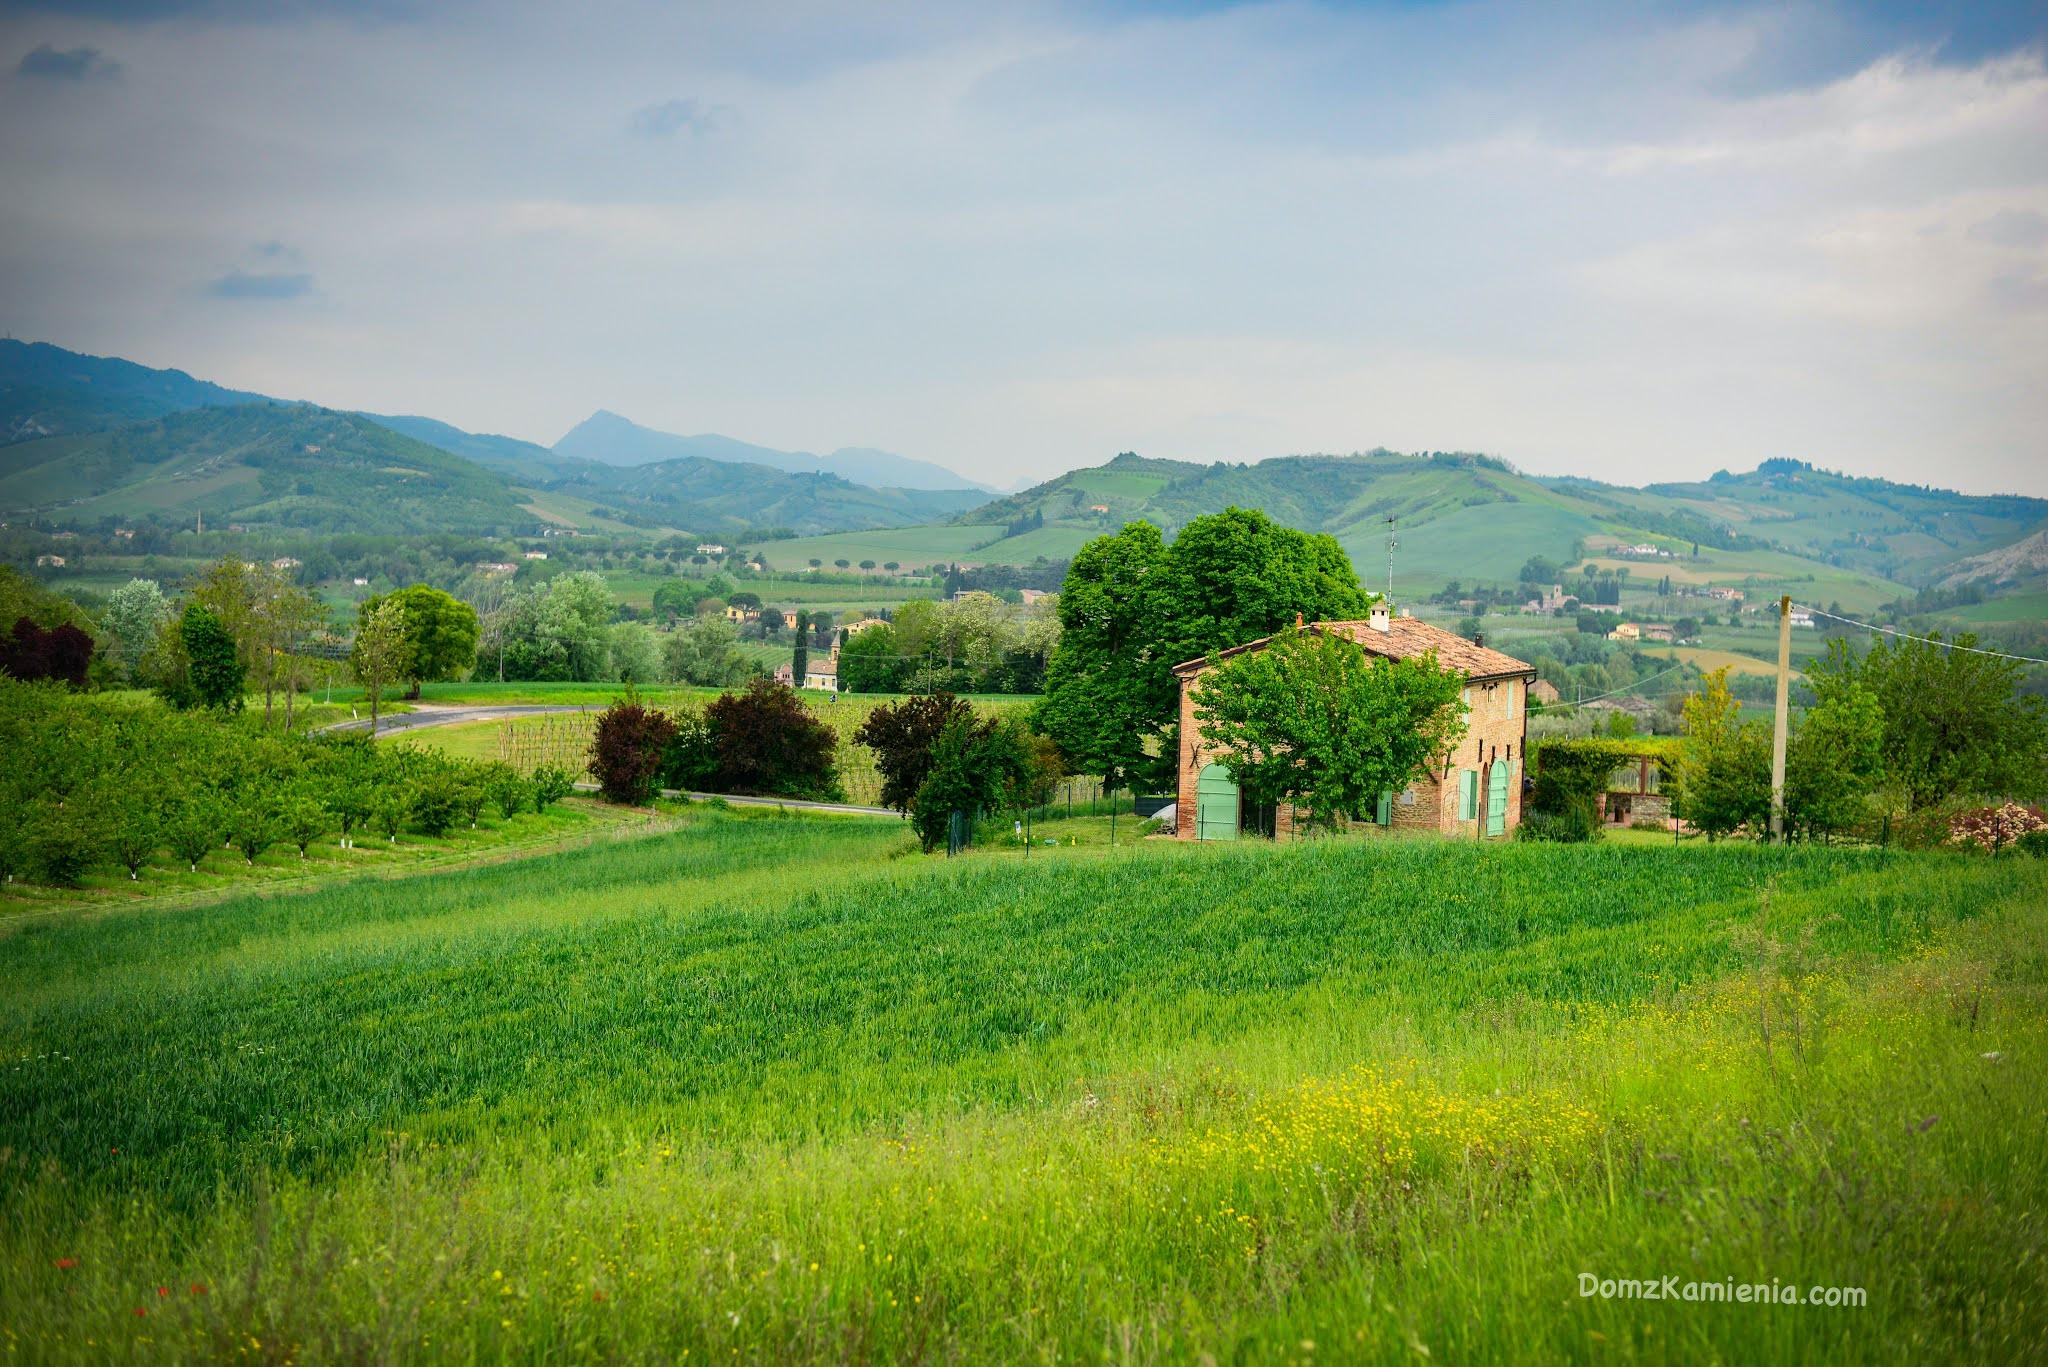 Dom z Kamienia blog - Kasia Nowacka, Toskania